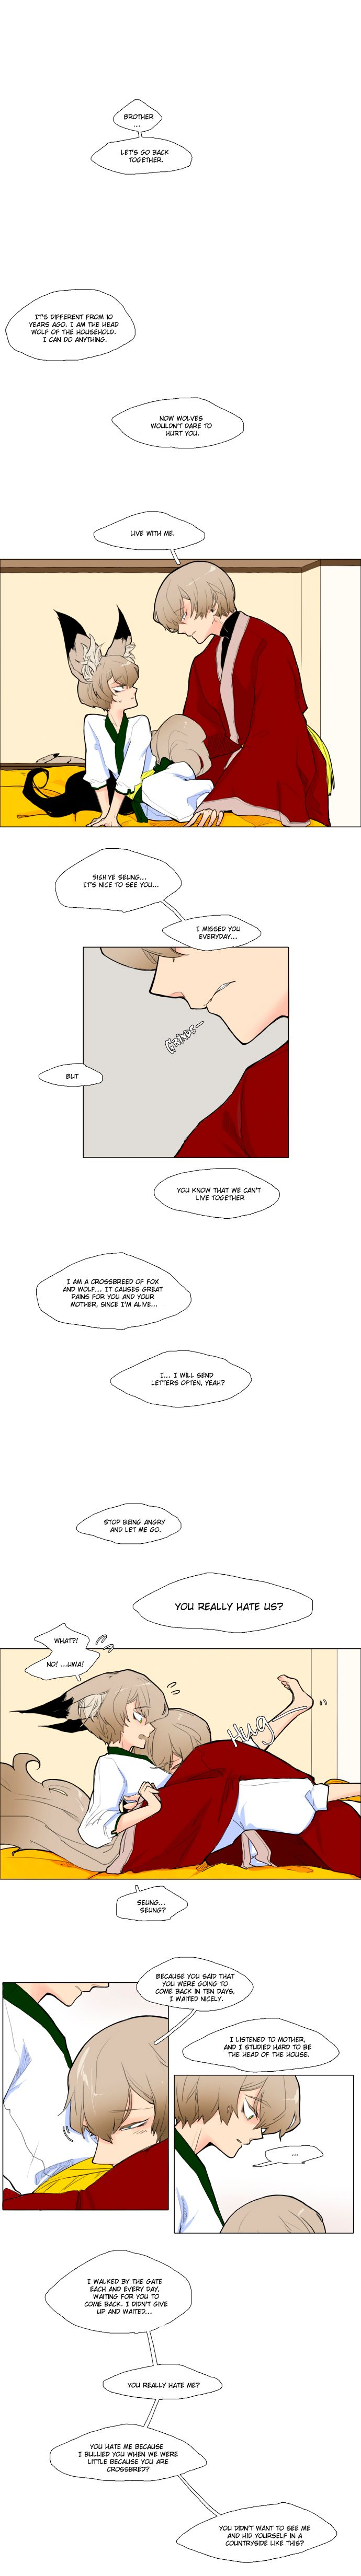 Brilli - Chapter 4